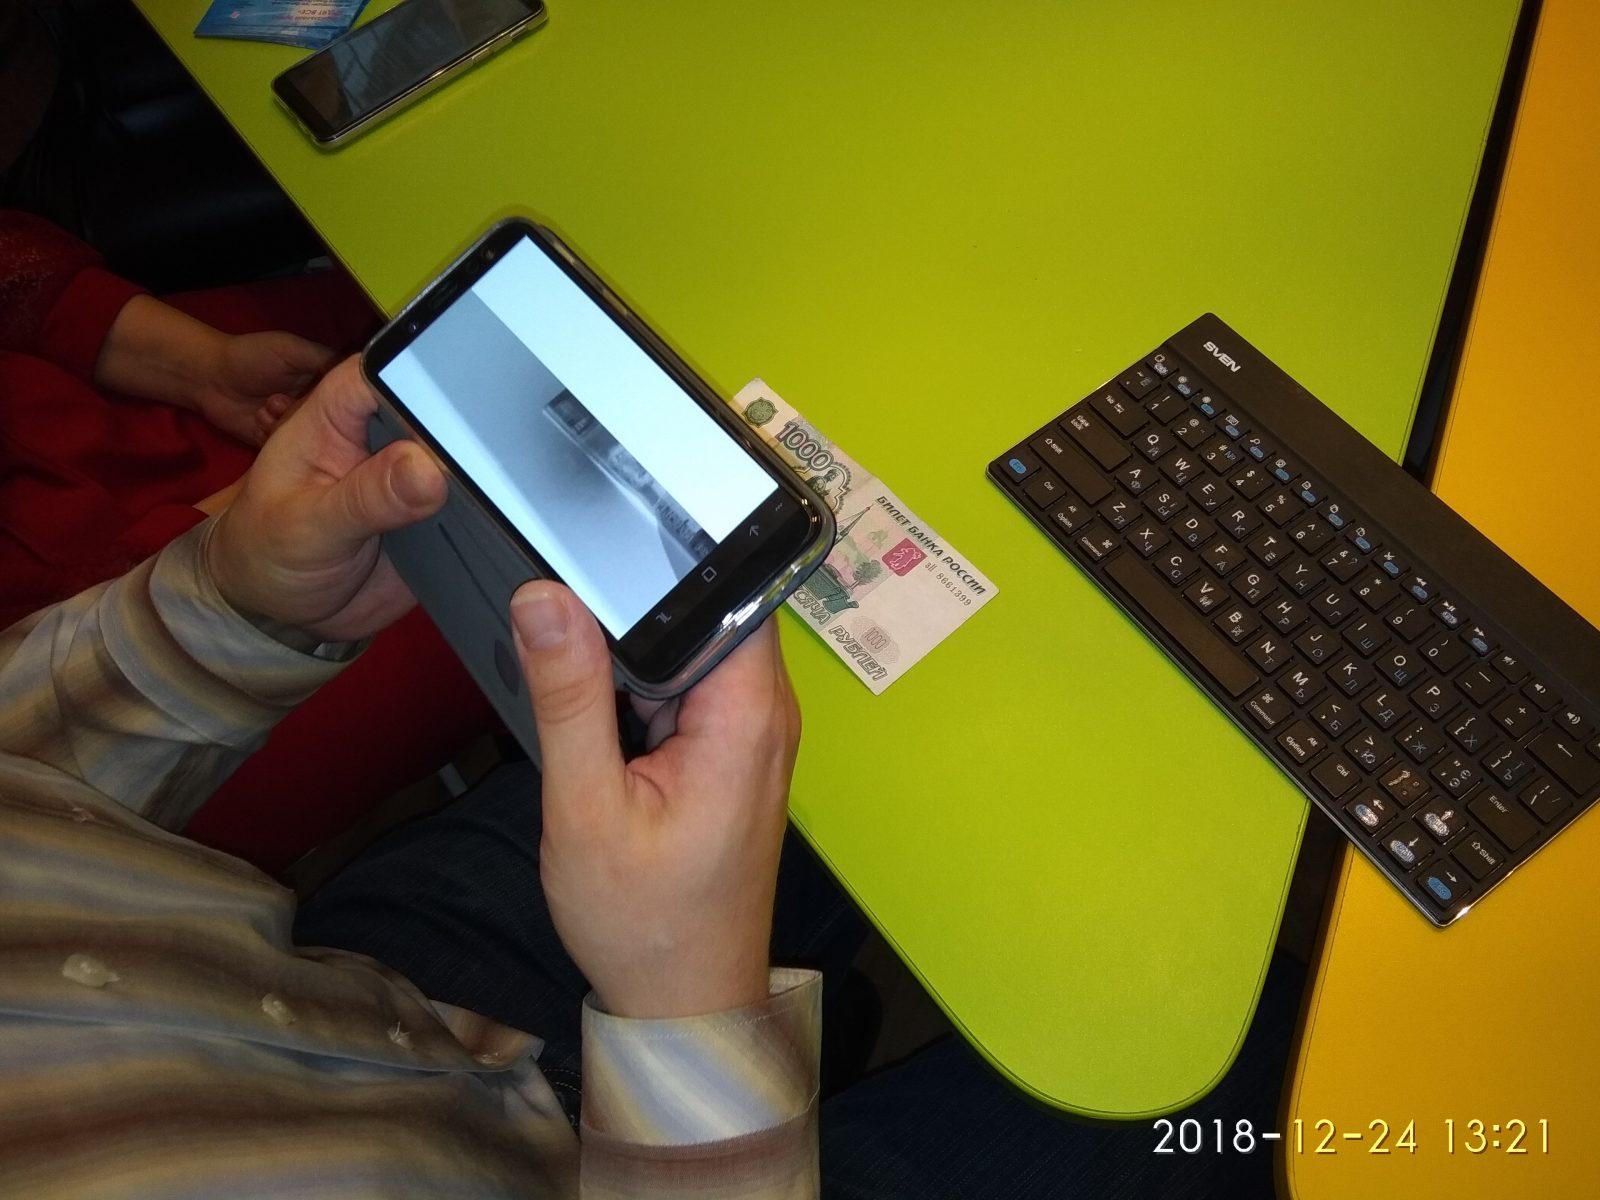 Алгоритм создания универсального мобильного помощника представили во Владимире.